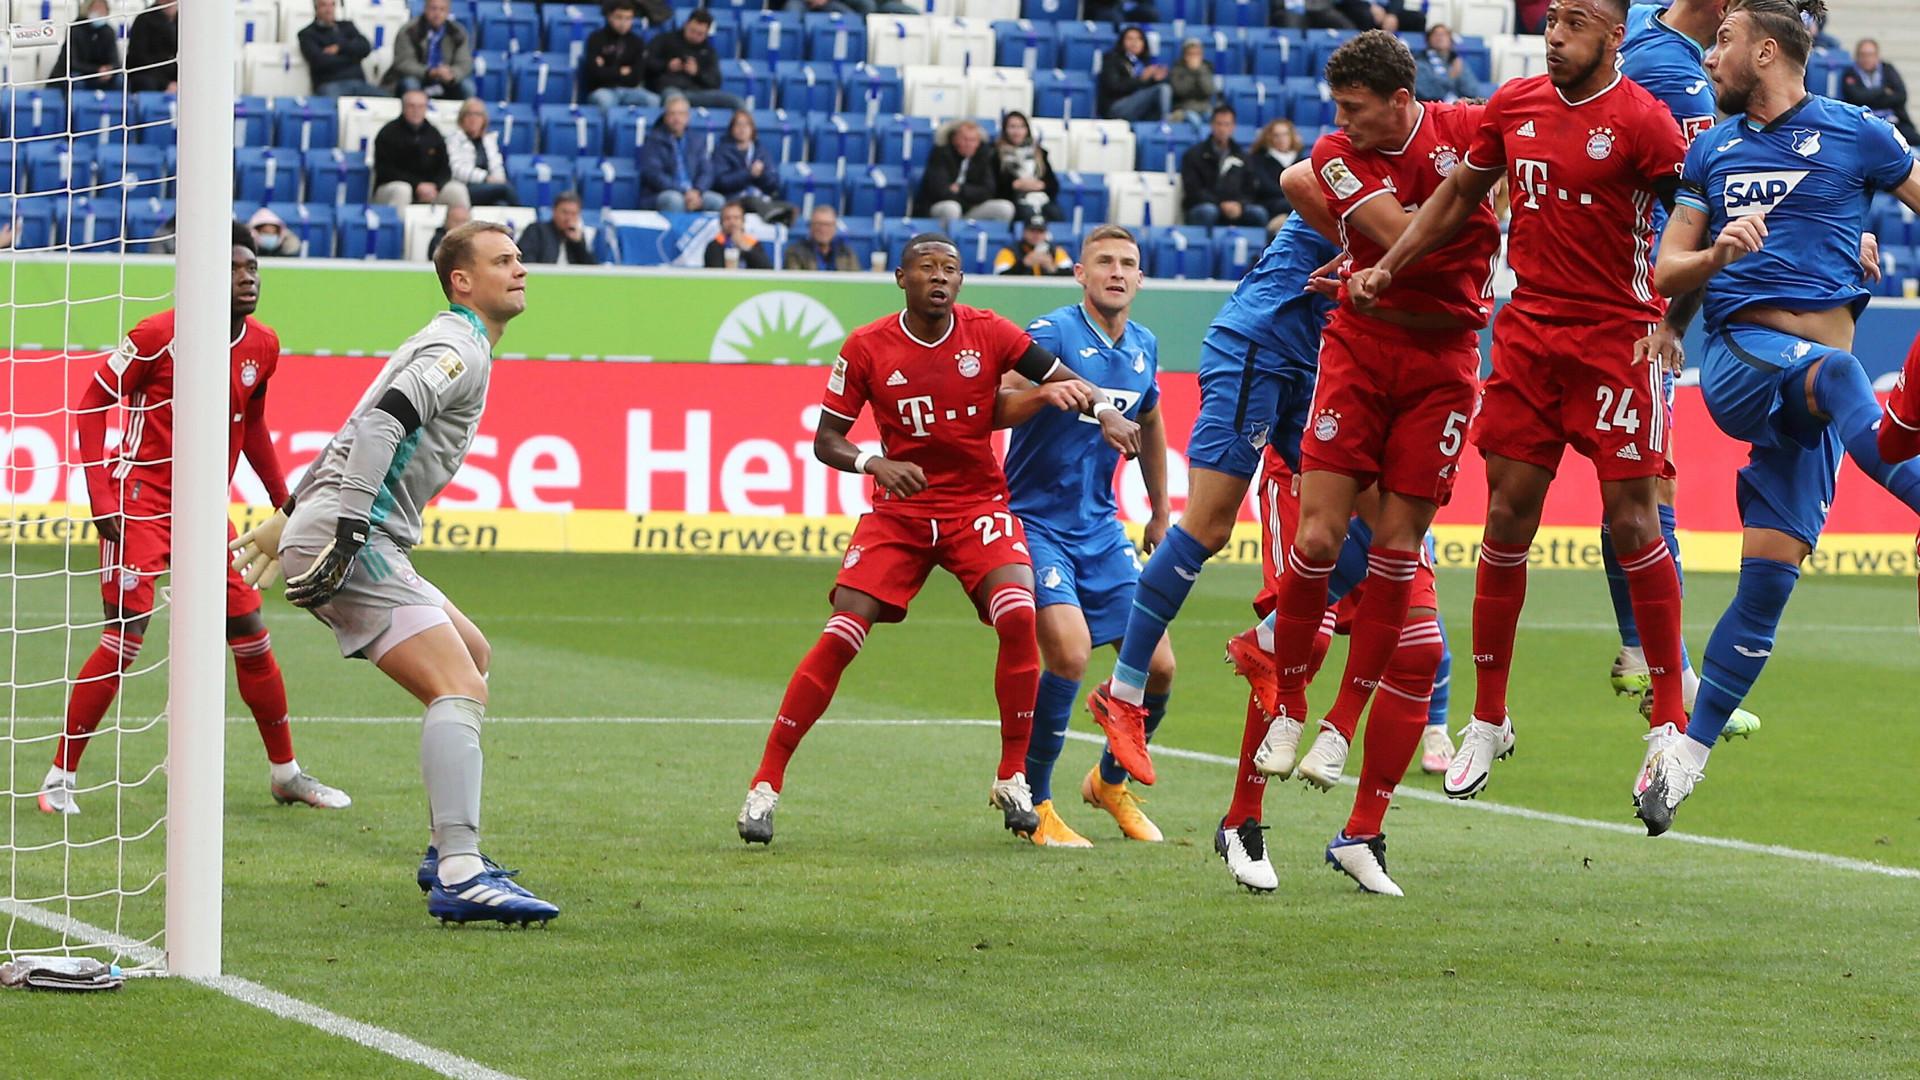 Première lourde défaite des Bavarois en 2020 — Bayern Munich